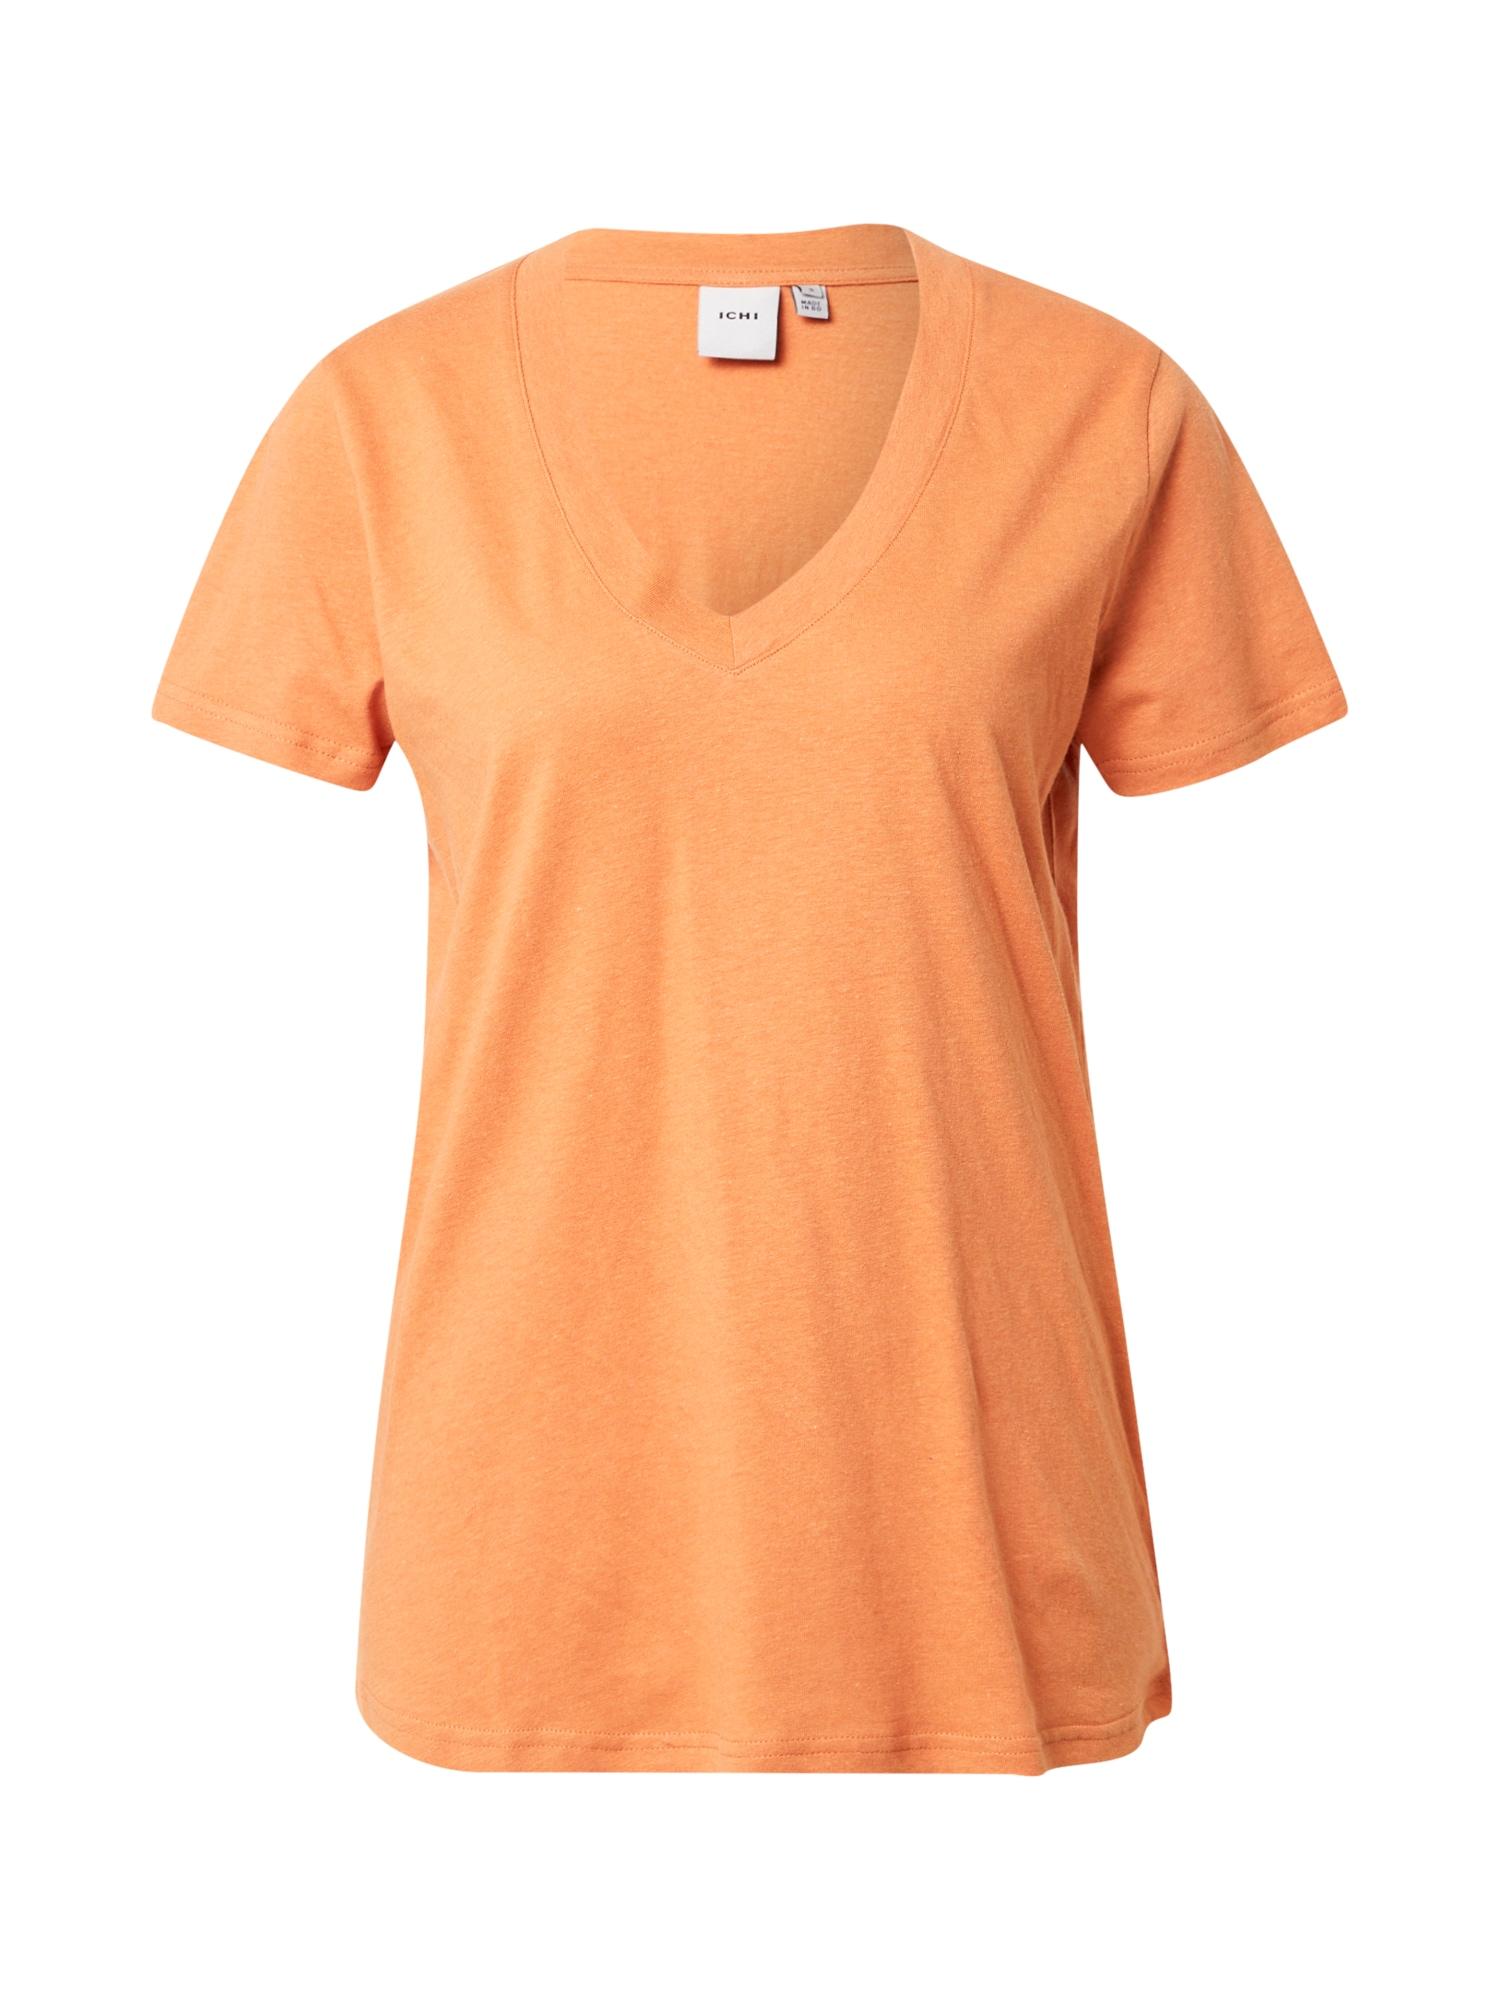 ICHI Marškinėliai ruda (konjako)